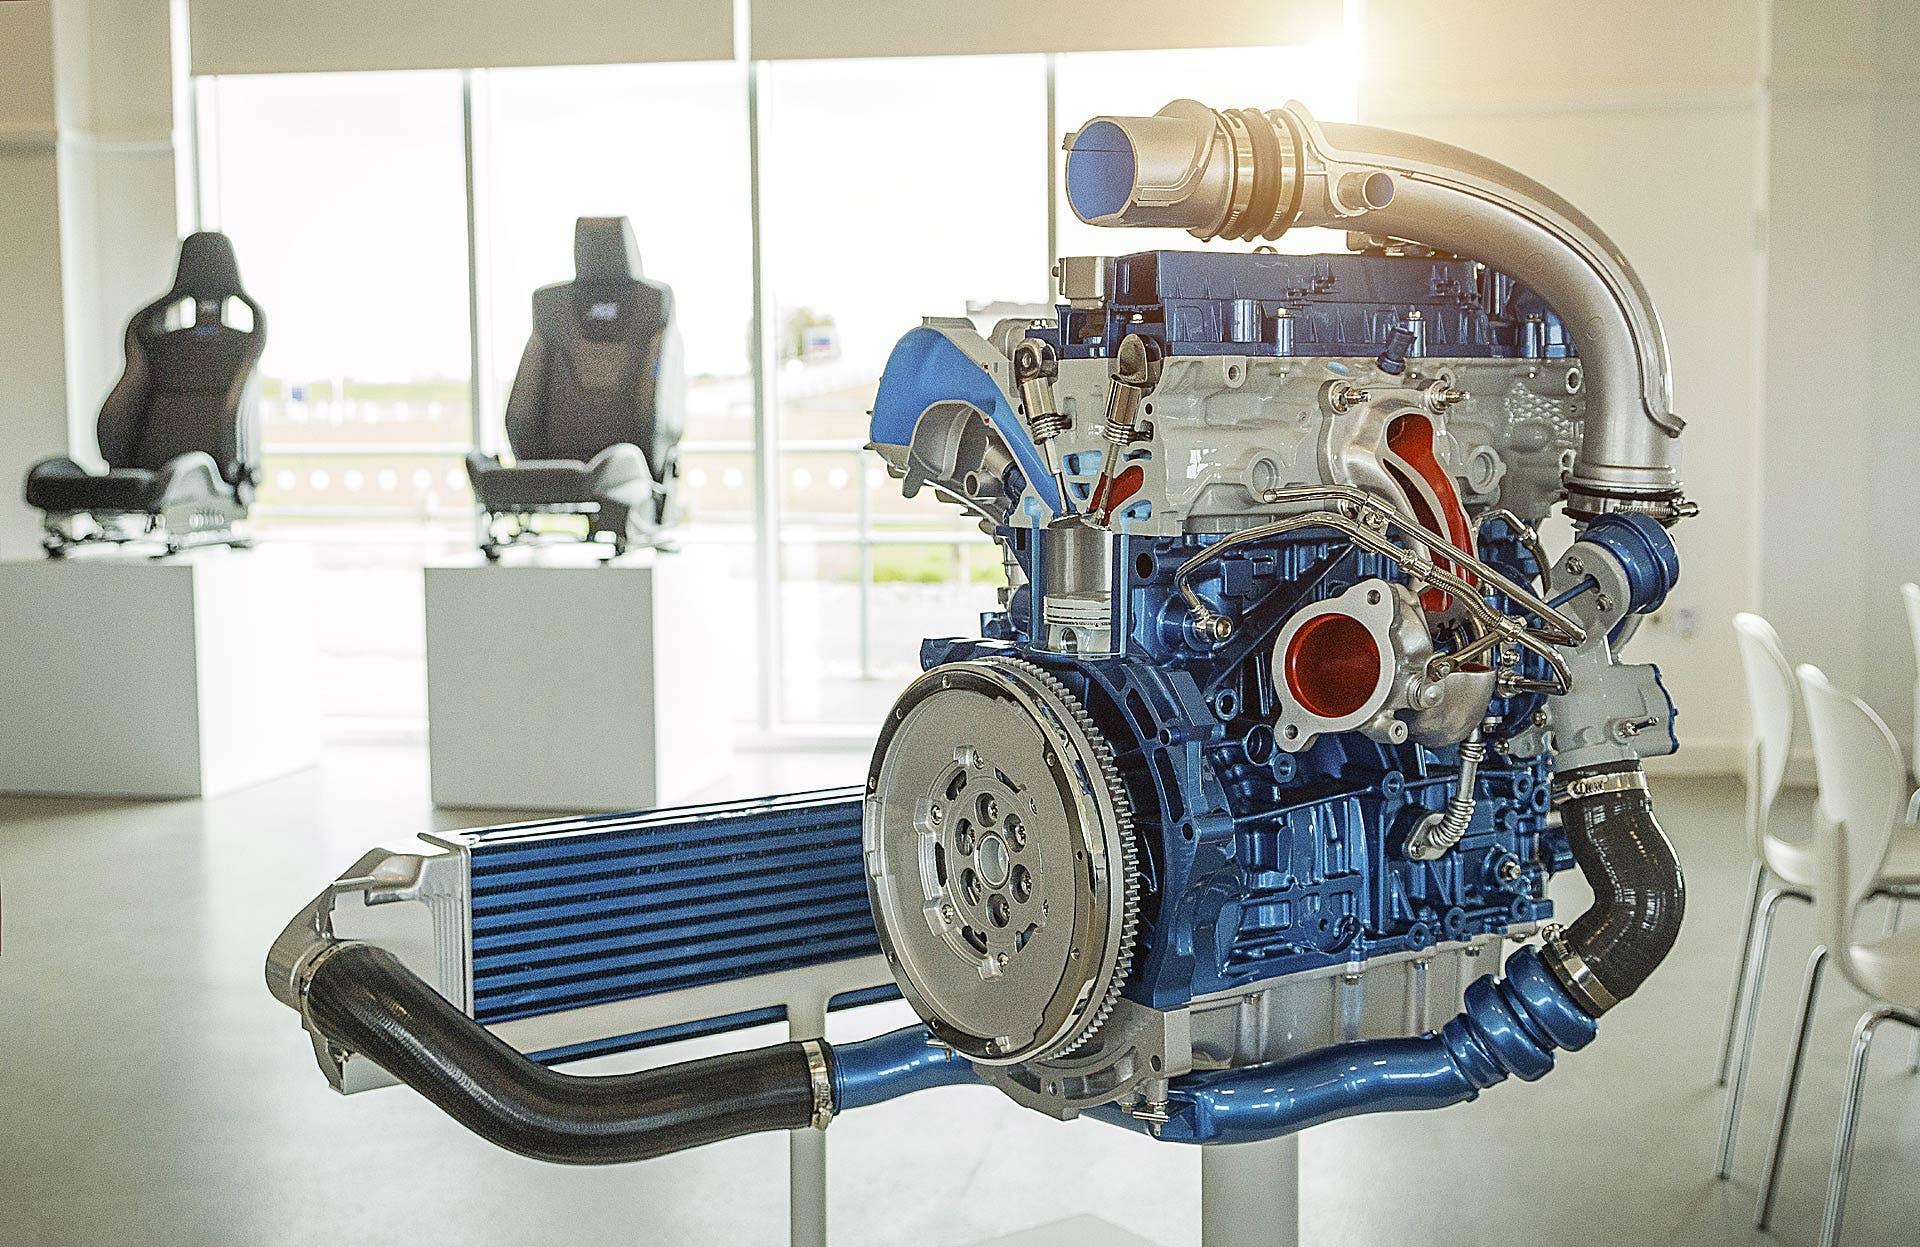 Sezione del motore 2.3 Ecoboost della Ford Focus RS del 2016